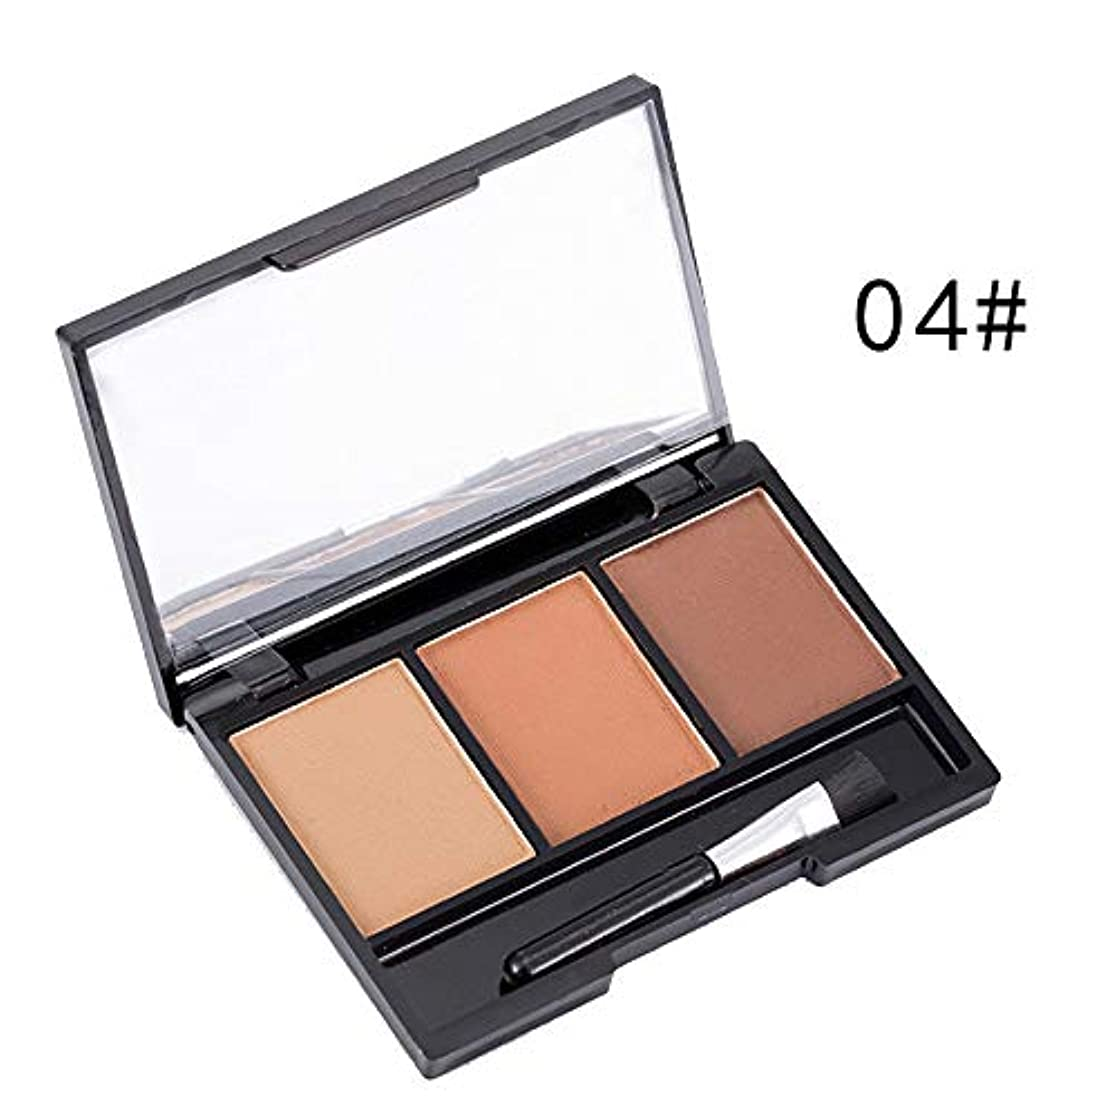 国家雄弁マークダウンAkane パウダーアイブロウパレット SR MAKE UP 綺麗 人気 ファッション 魅力的 眉 自然 パウダーアイブロウ ぼかしない チャーム 防水 長持ち おしゃれ 持ち便利 Eye Shadow (3色) ES021